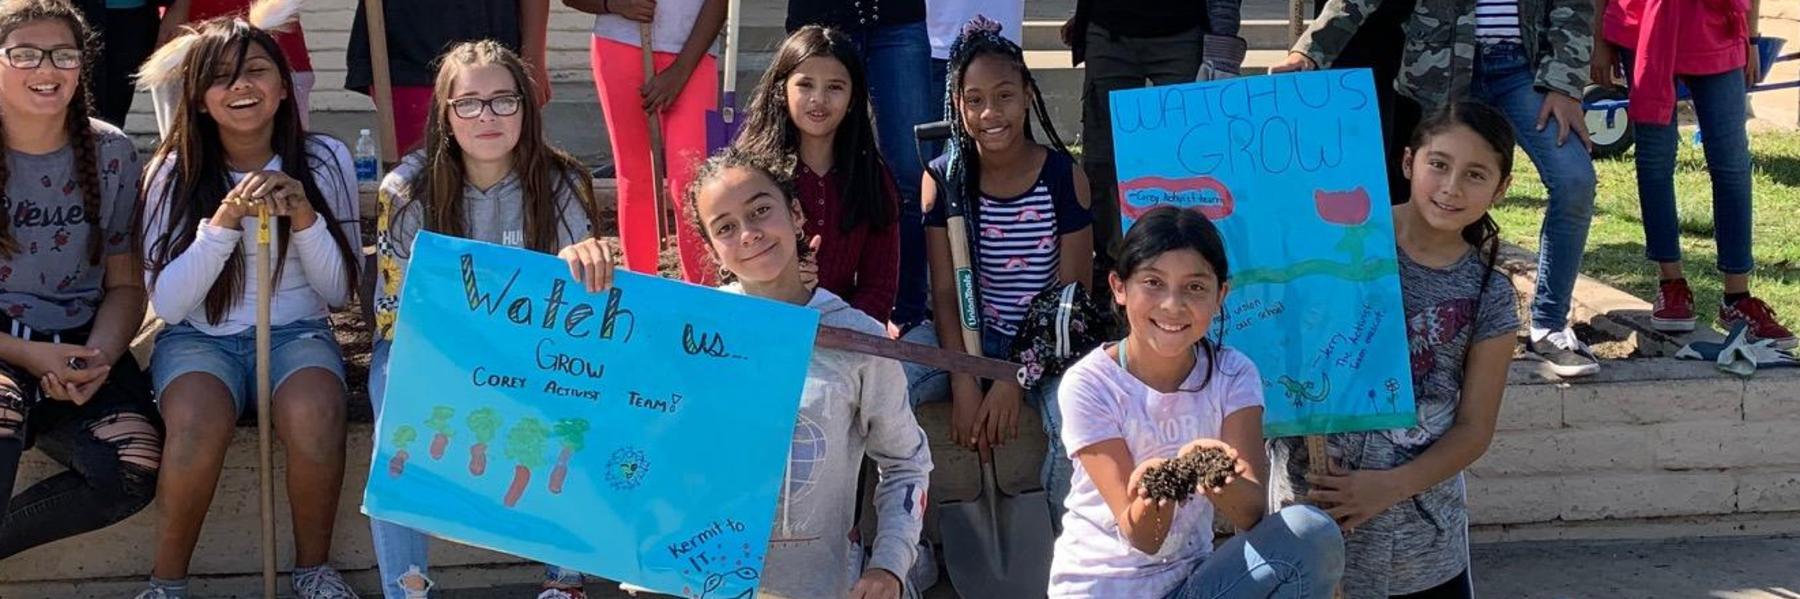 6th grade student Activists